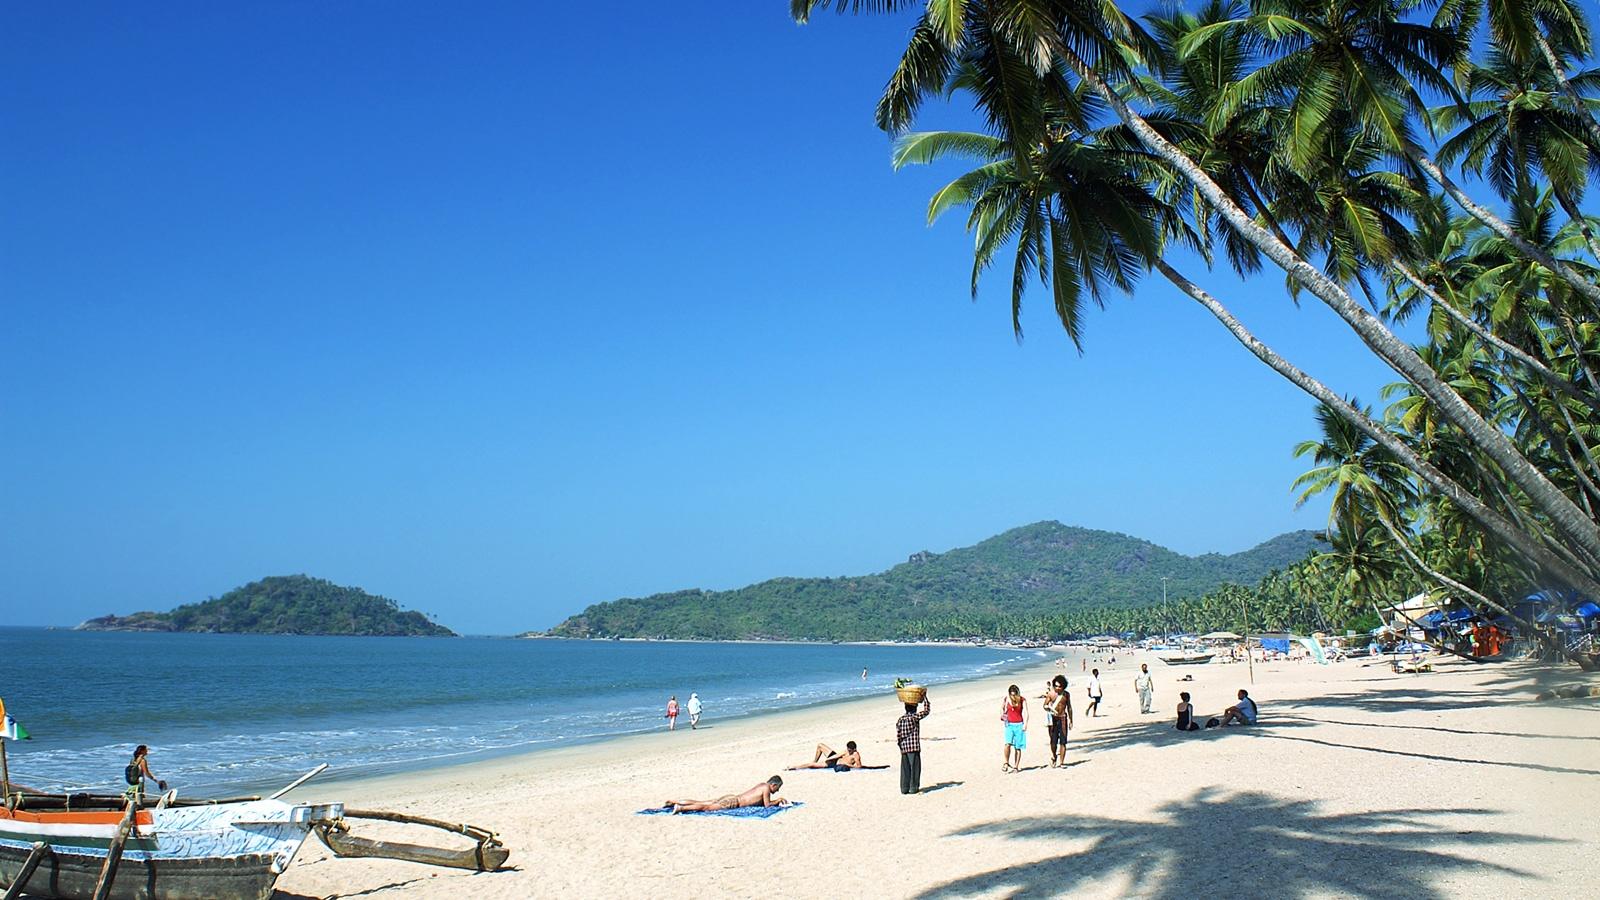 Пляжи Гоа в Индии — фото, отзывы, лучшие пляжи Северного и Южного Гоа